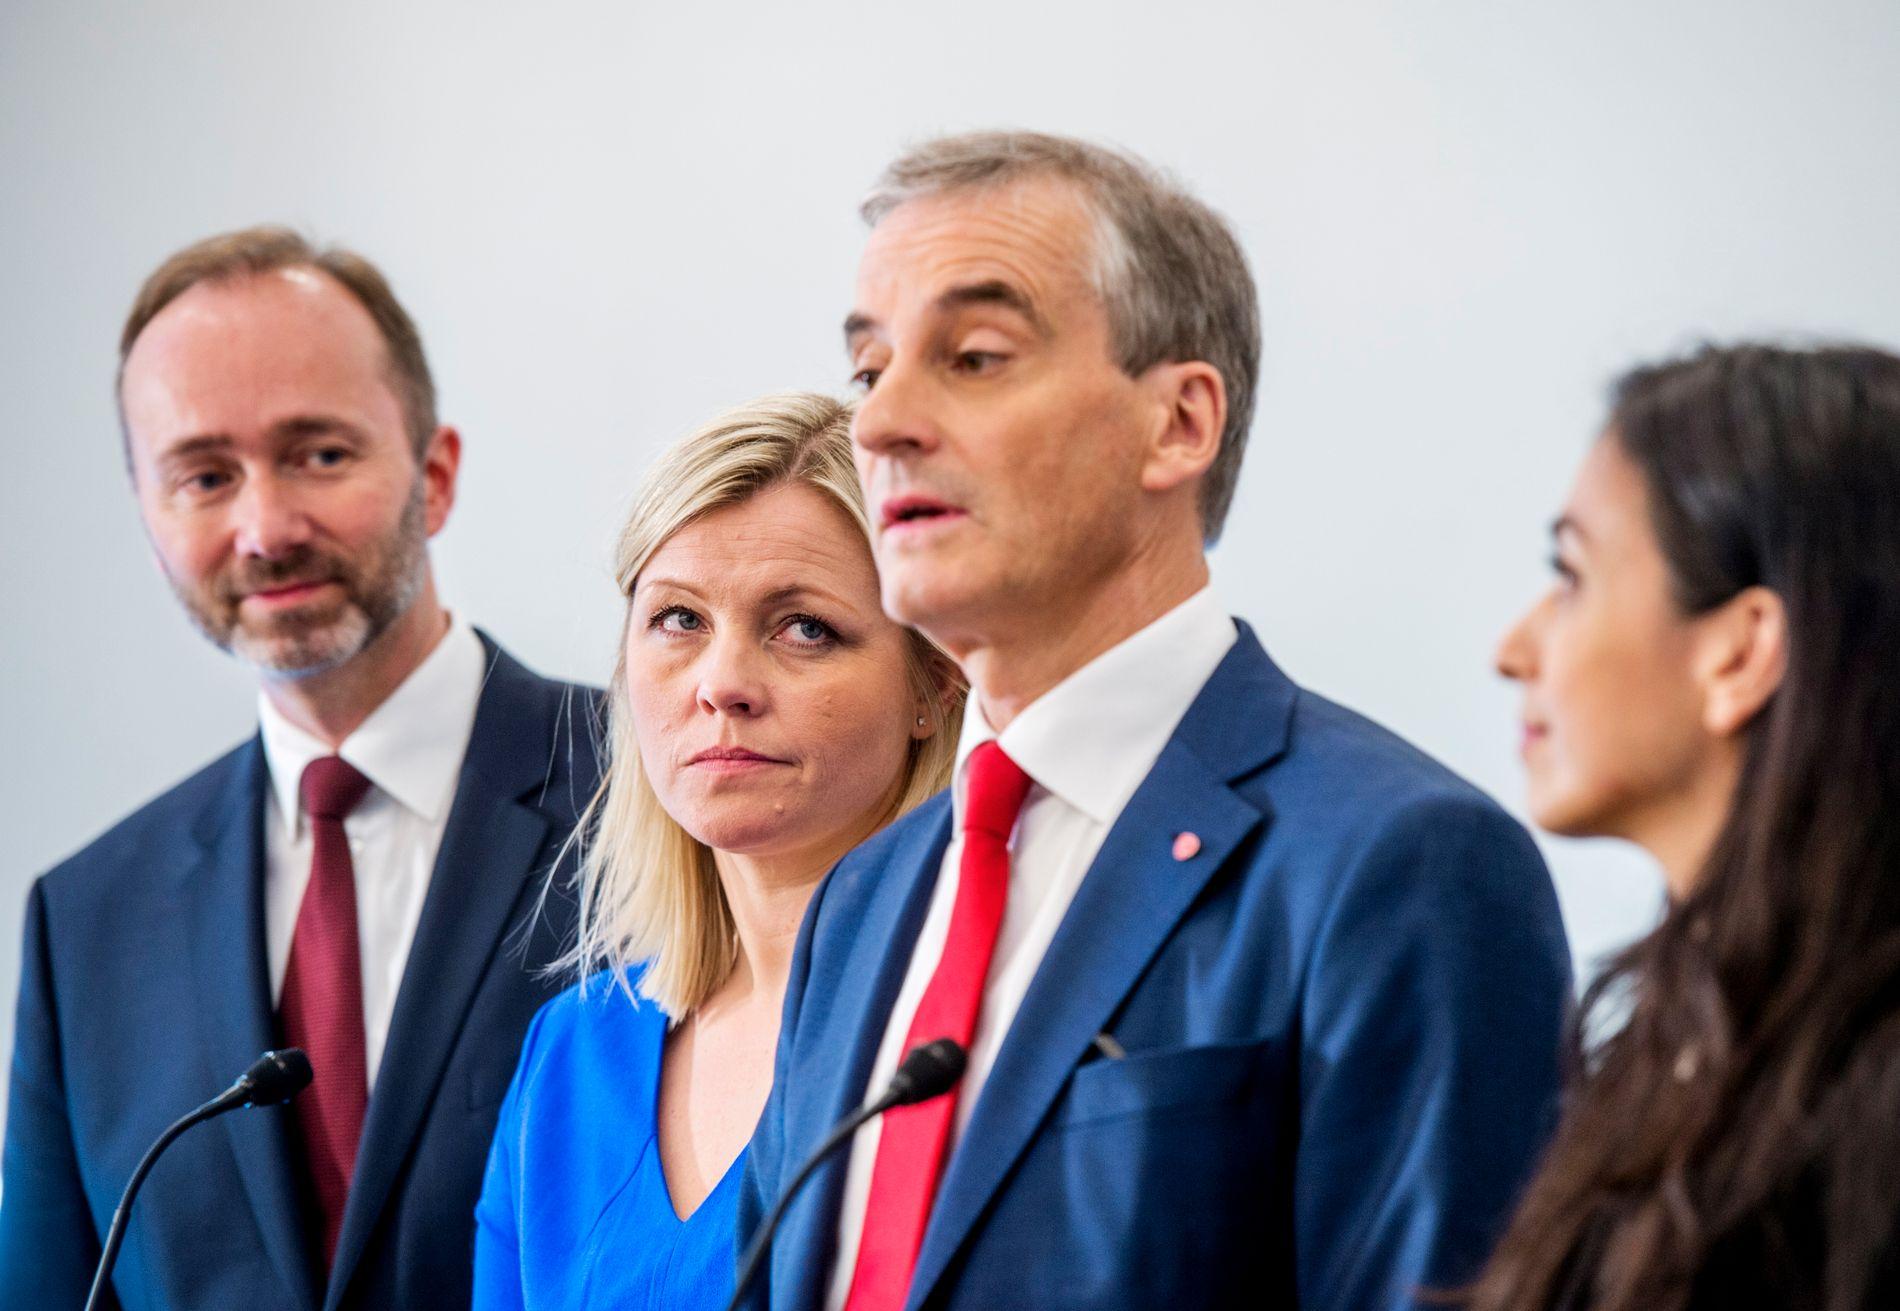 Partisekretær Kjersti Stenseng (til venstre for Støre) skal lede arbeidet med å evaluere Aps katastrofevalg.